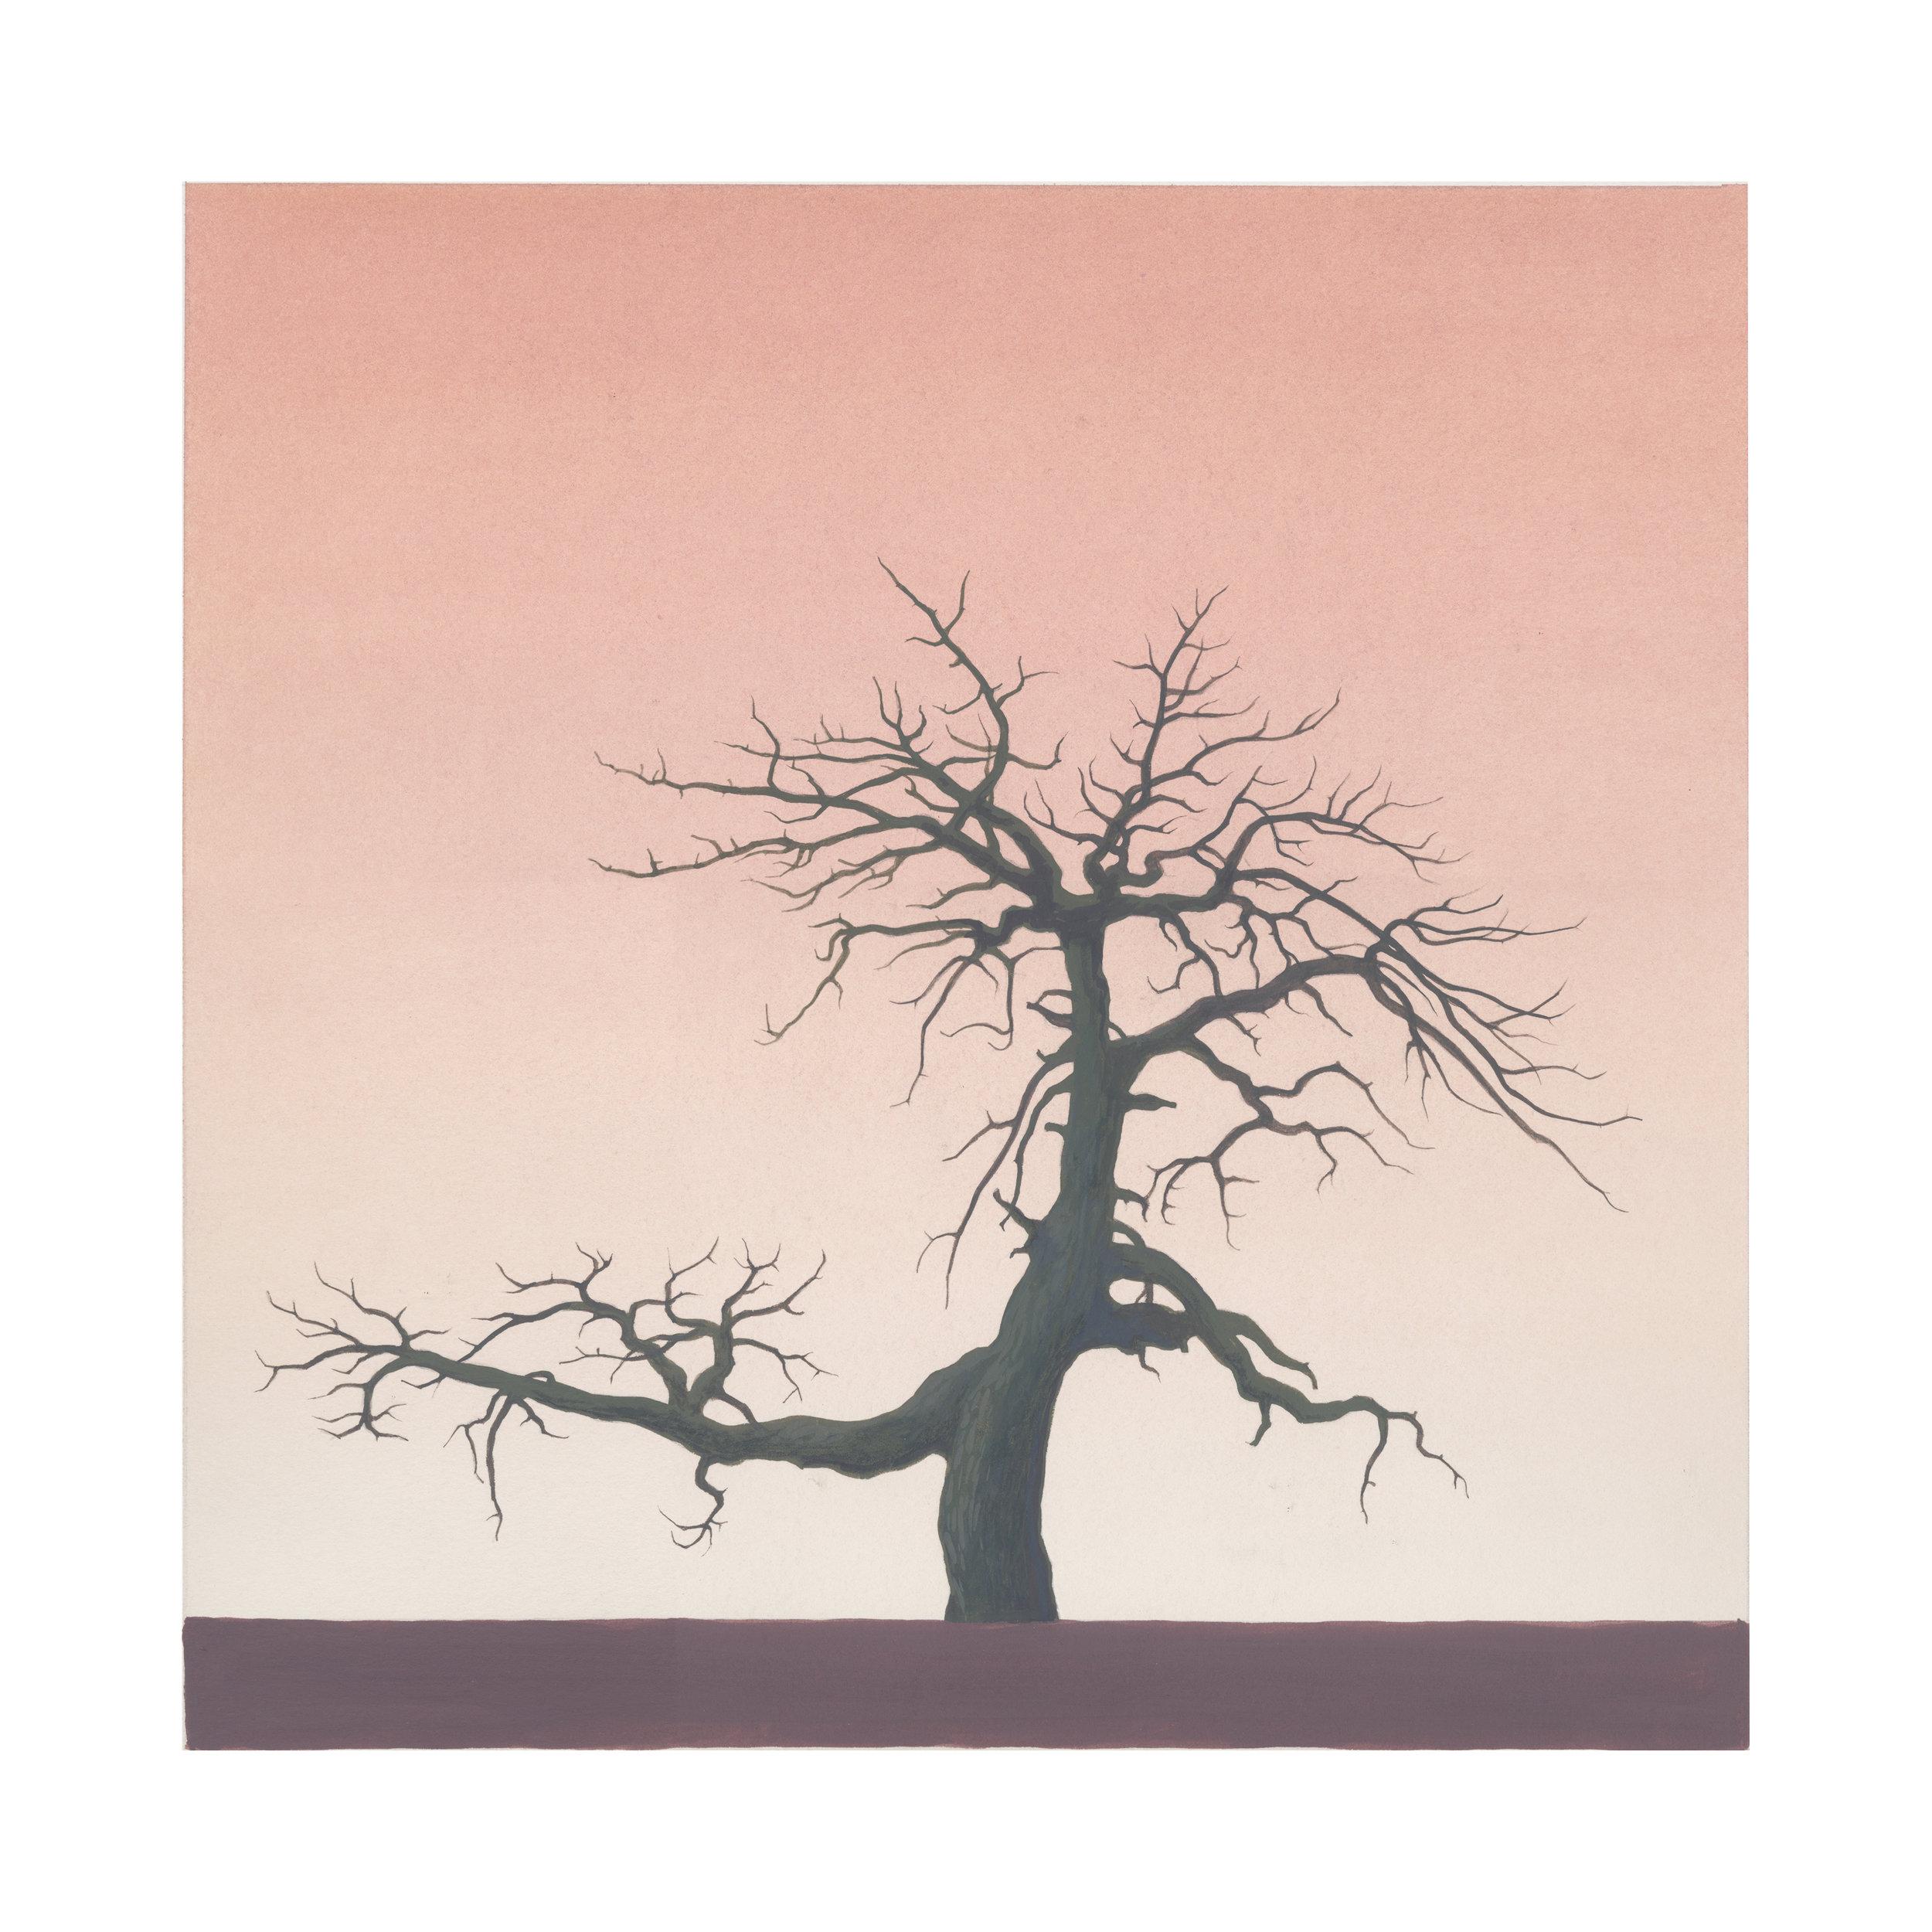 GRose_Tree(34˚20.664'N117˚49.849'W).jpg